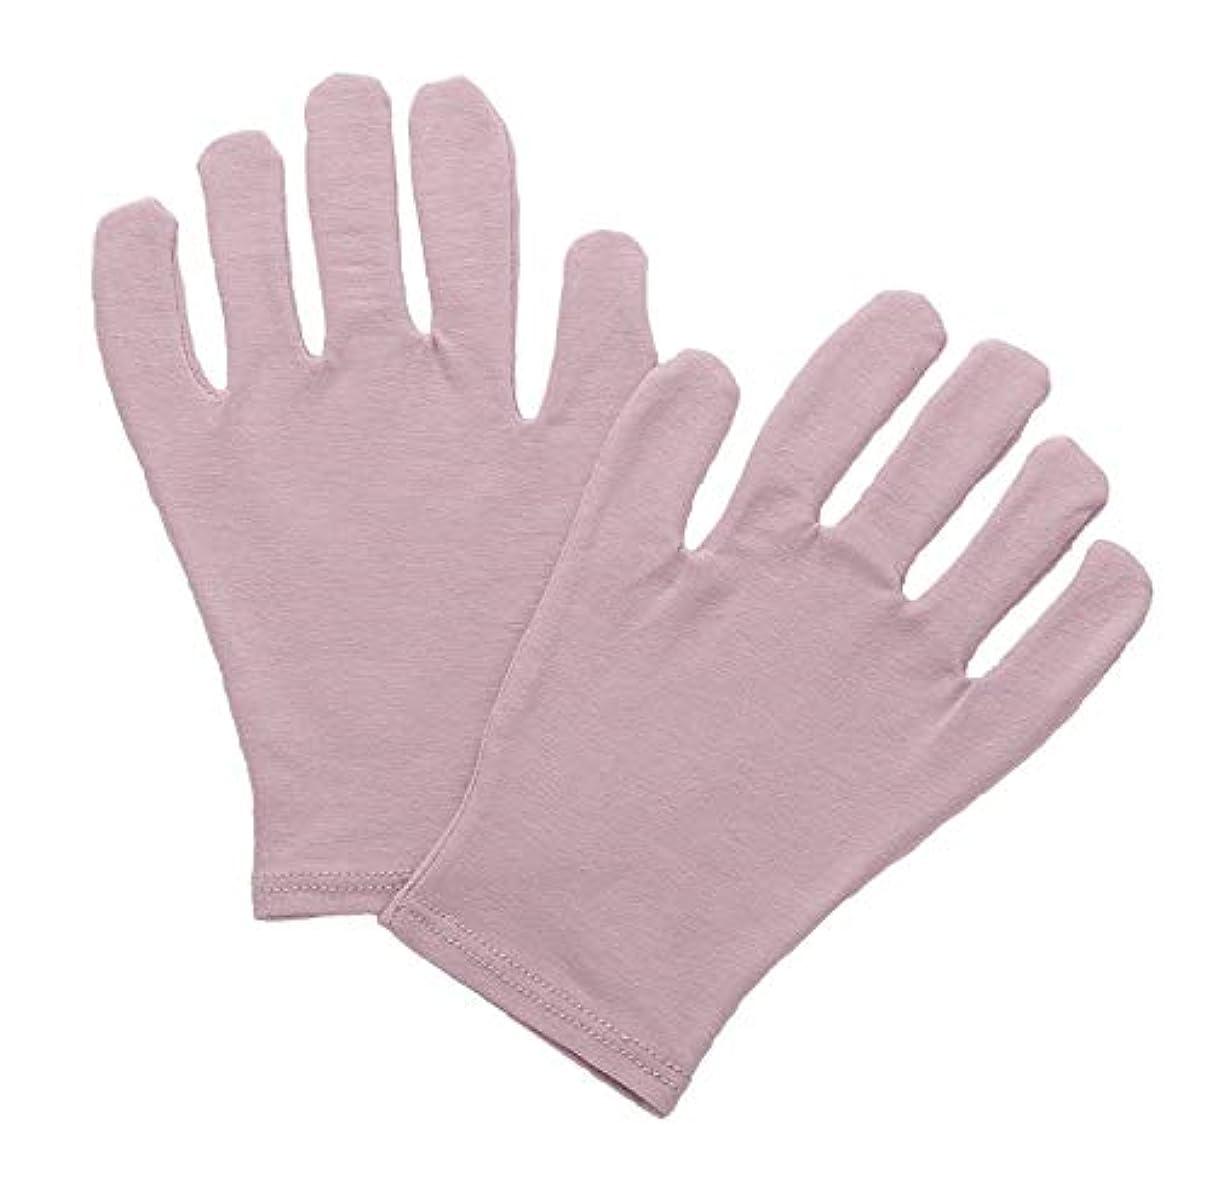 エラージョイント一緒に椿オイル配合 スキンケア おやすみ手袋 在庫処分 お買い得品